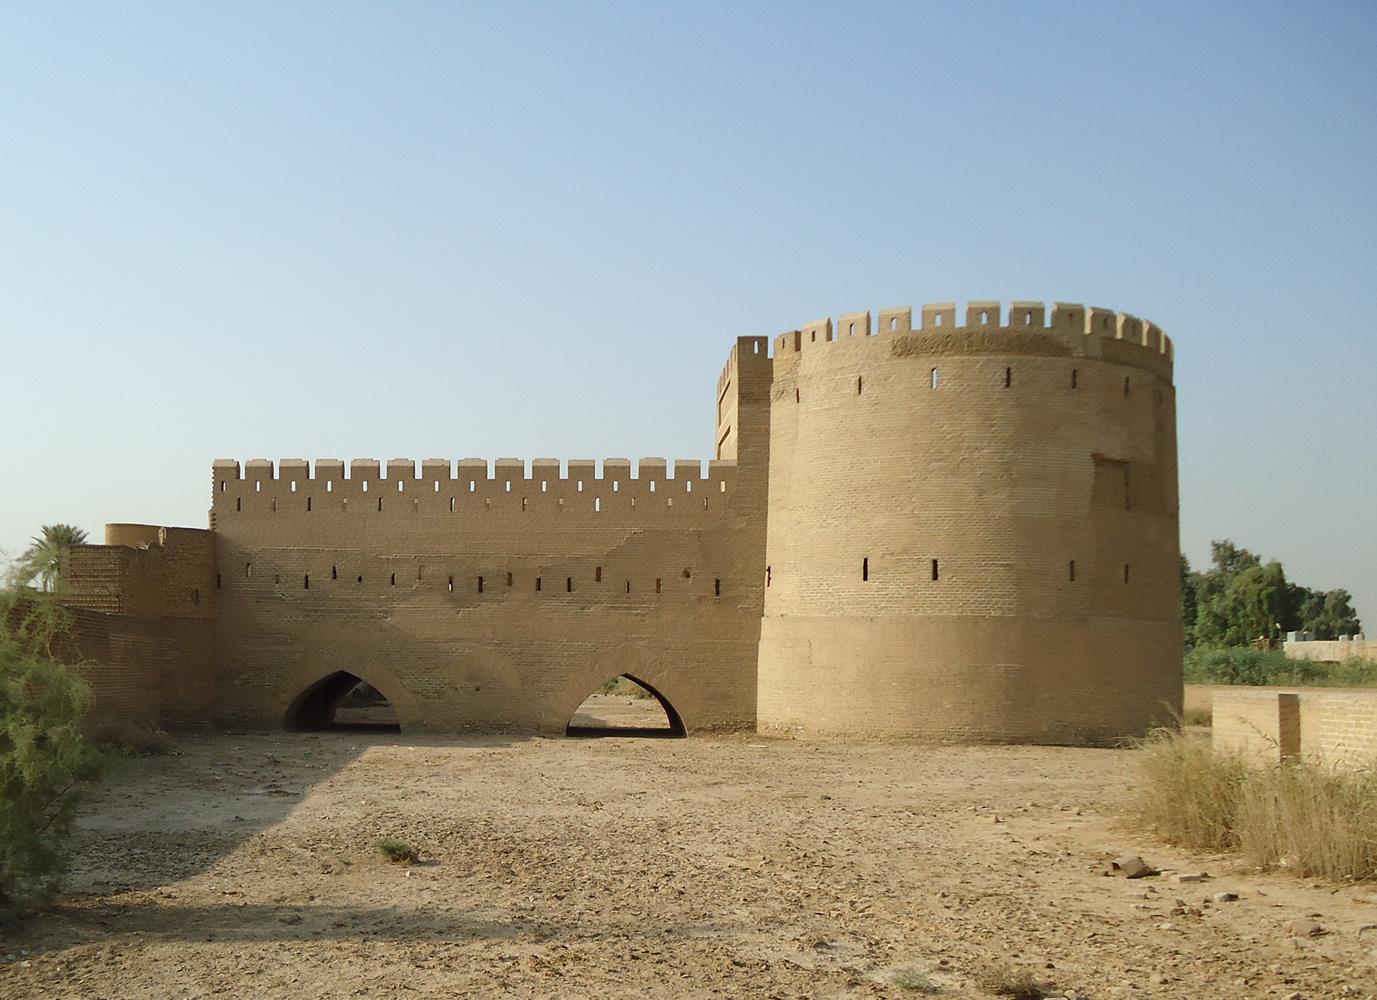 Bab al-Wastani de Bagdad. Muralla